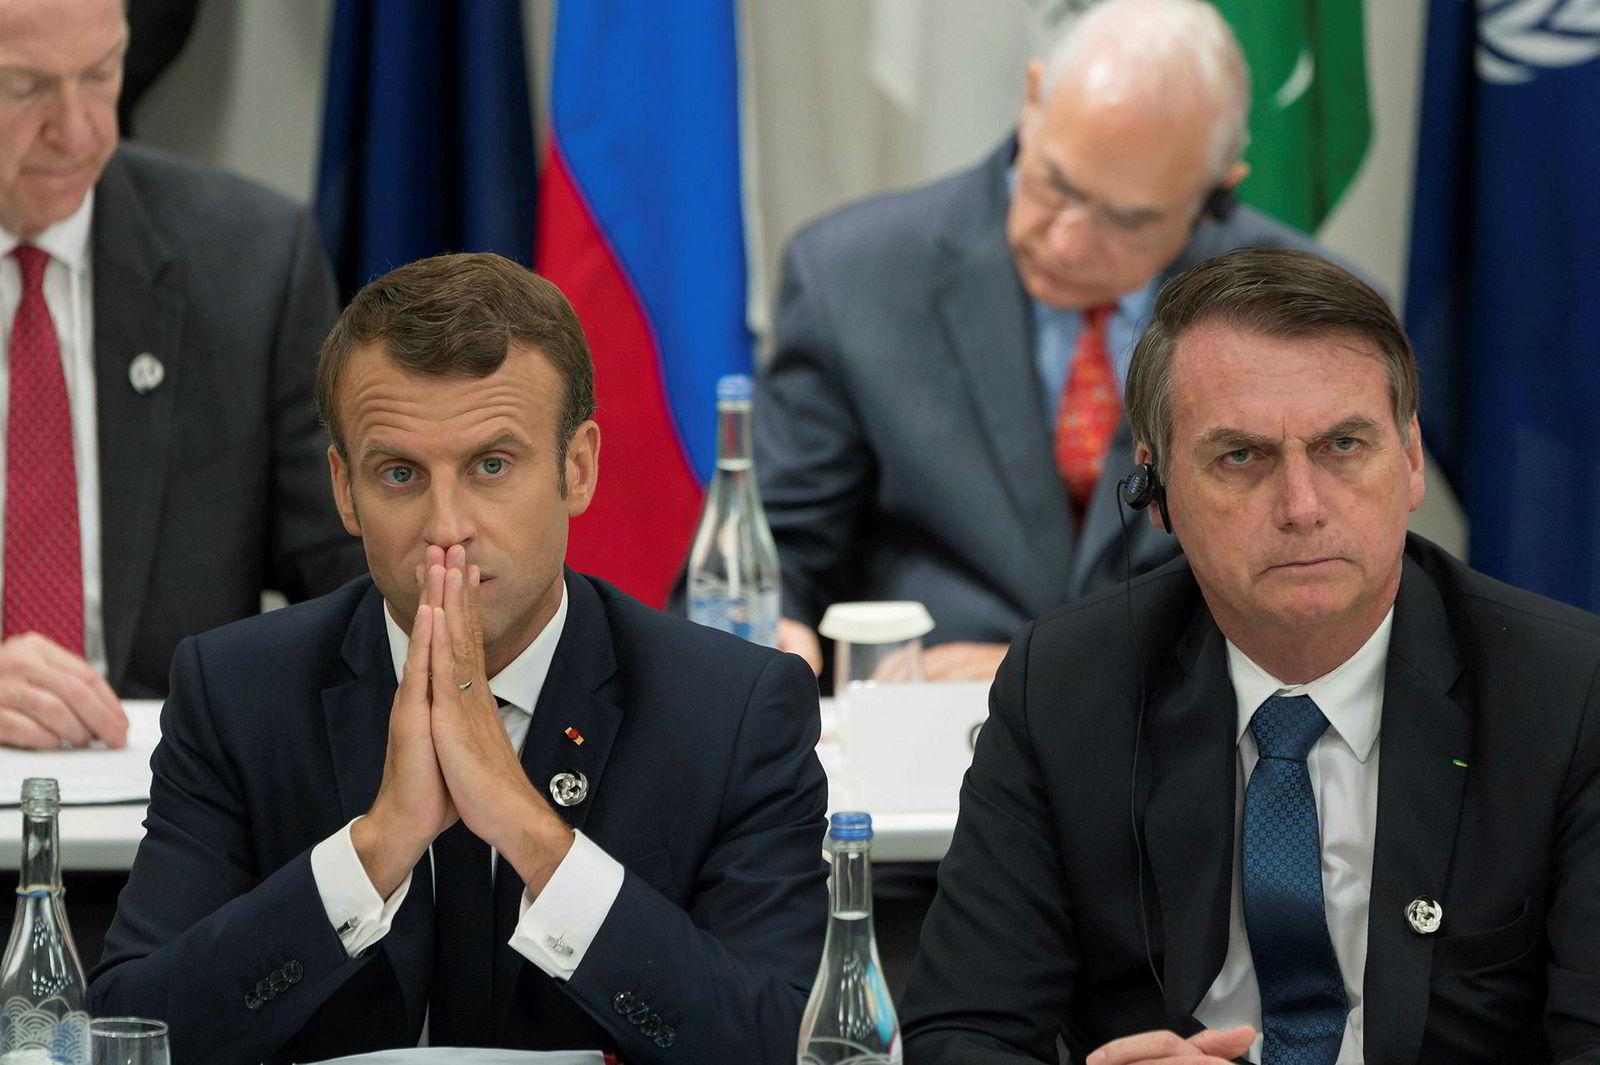 Frankrikes president Emmanuel Macron (til venstre) reagerer skarpt på kommentaren kollega Jair Bolsonaro har postet på Facebook om Macrons kone. I juni møttes de to på G20-møtet I Osaka.